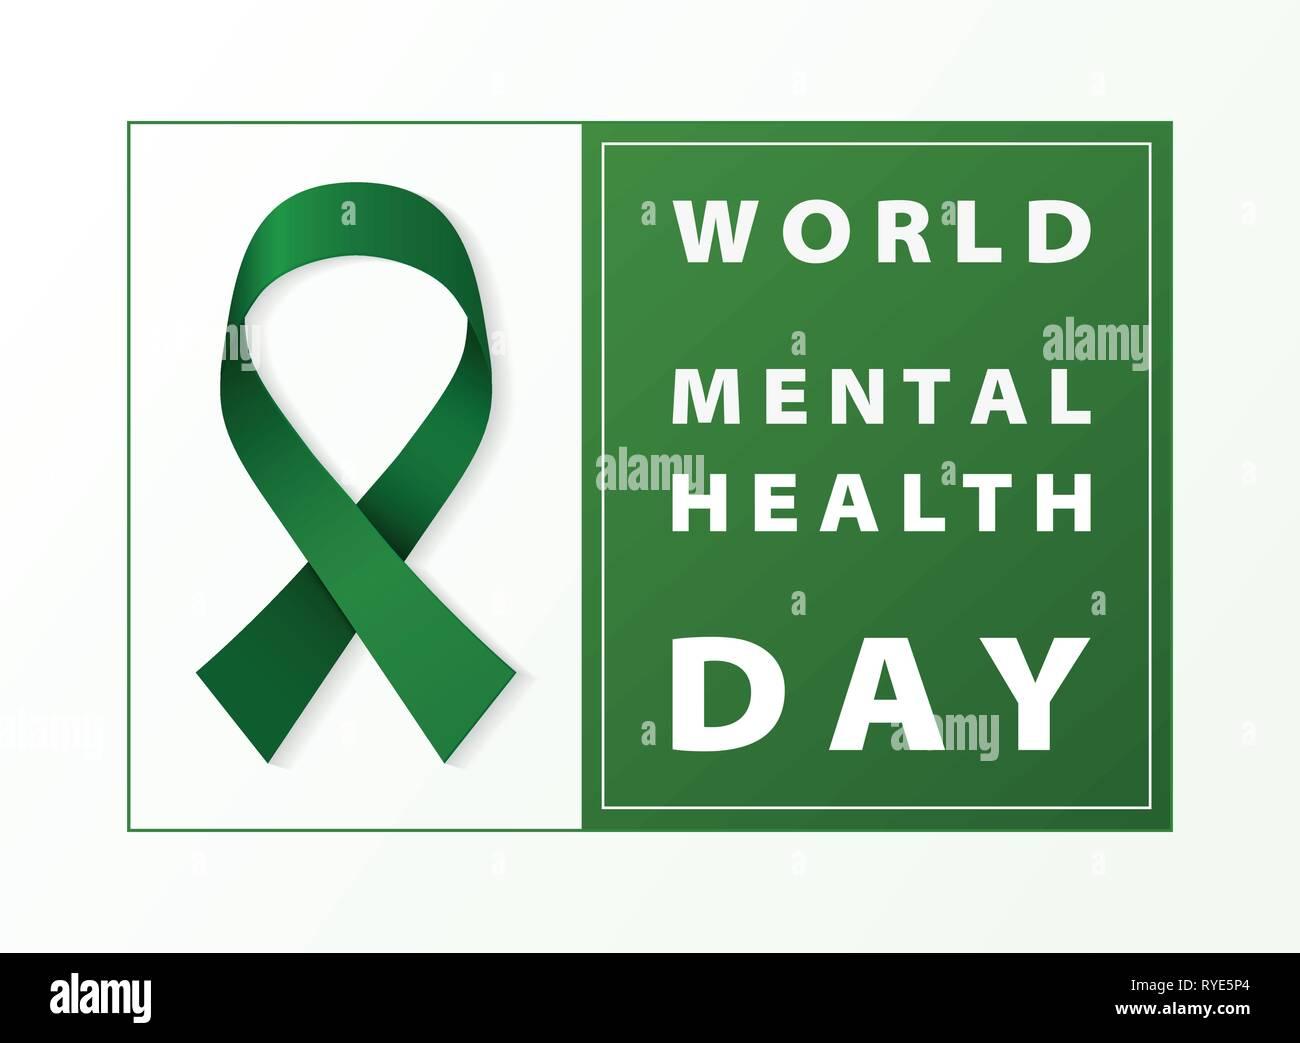 Día Mundial de la salud mental tarjeta de cinta verde de fondo. Puede utilizar para el día mundial de la salud el 7 de abril de 2004, ad, cartel, ilustración ilustración vectorial de la campaña. Imagen De Stock